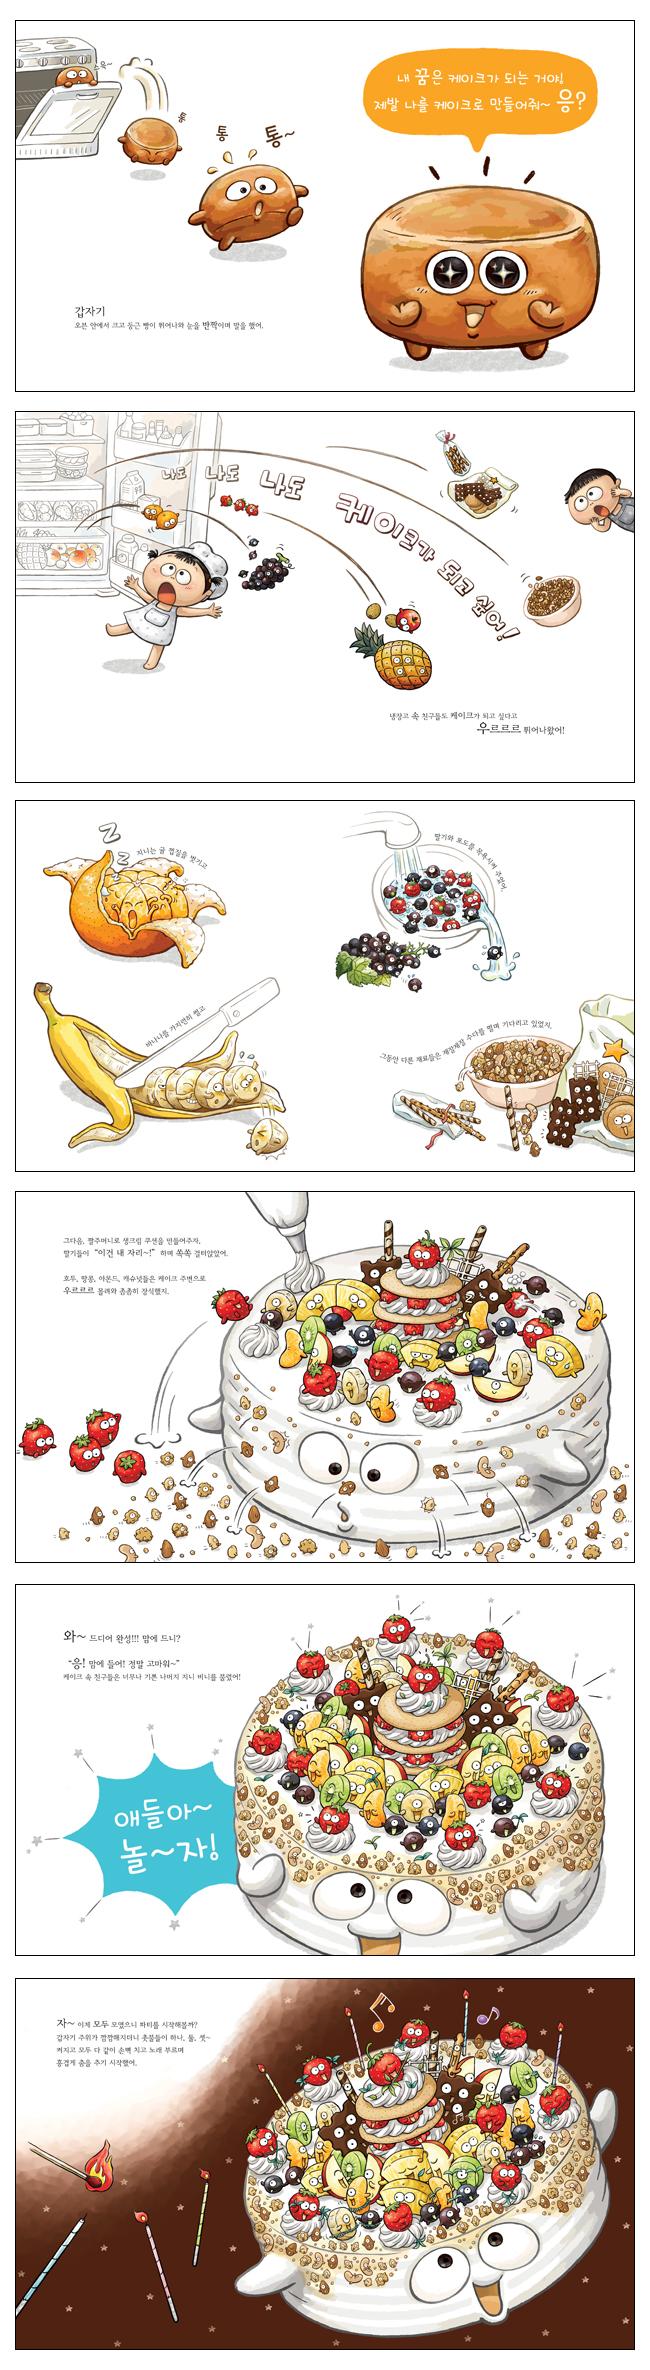 케이크파티(지니비니 시리즈 2)(양장본 HardCover) 도서 상세이미지